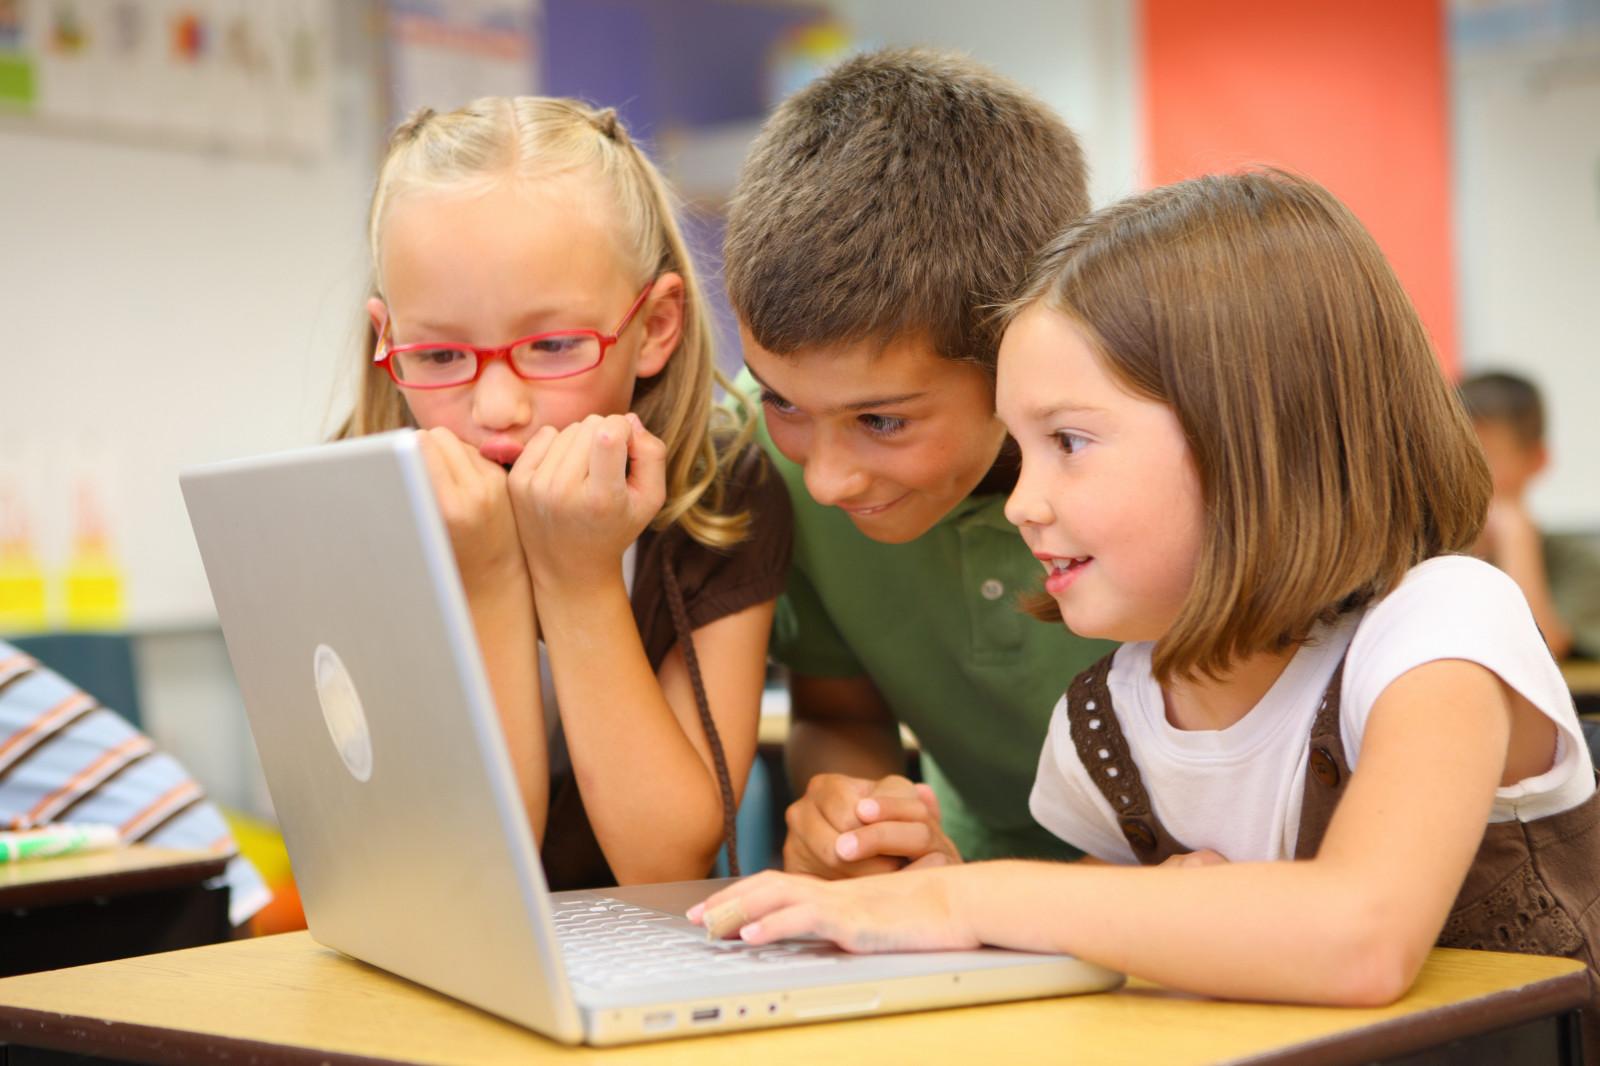 Компьютерная зависимость детей: признаки, причины и последствия - 2